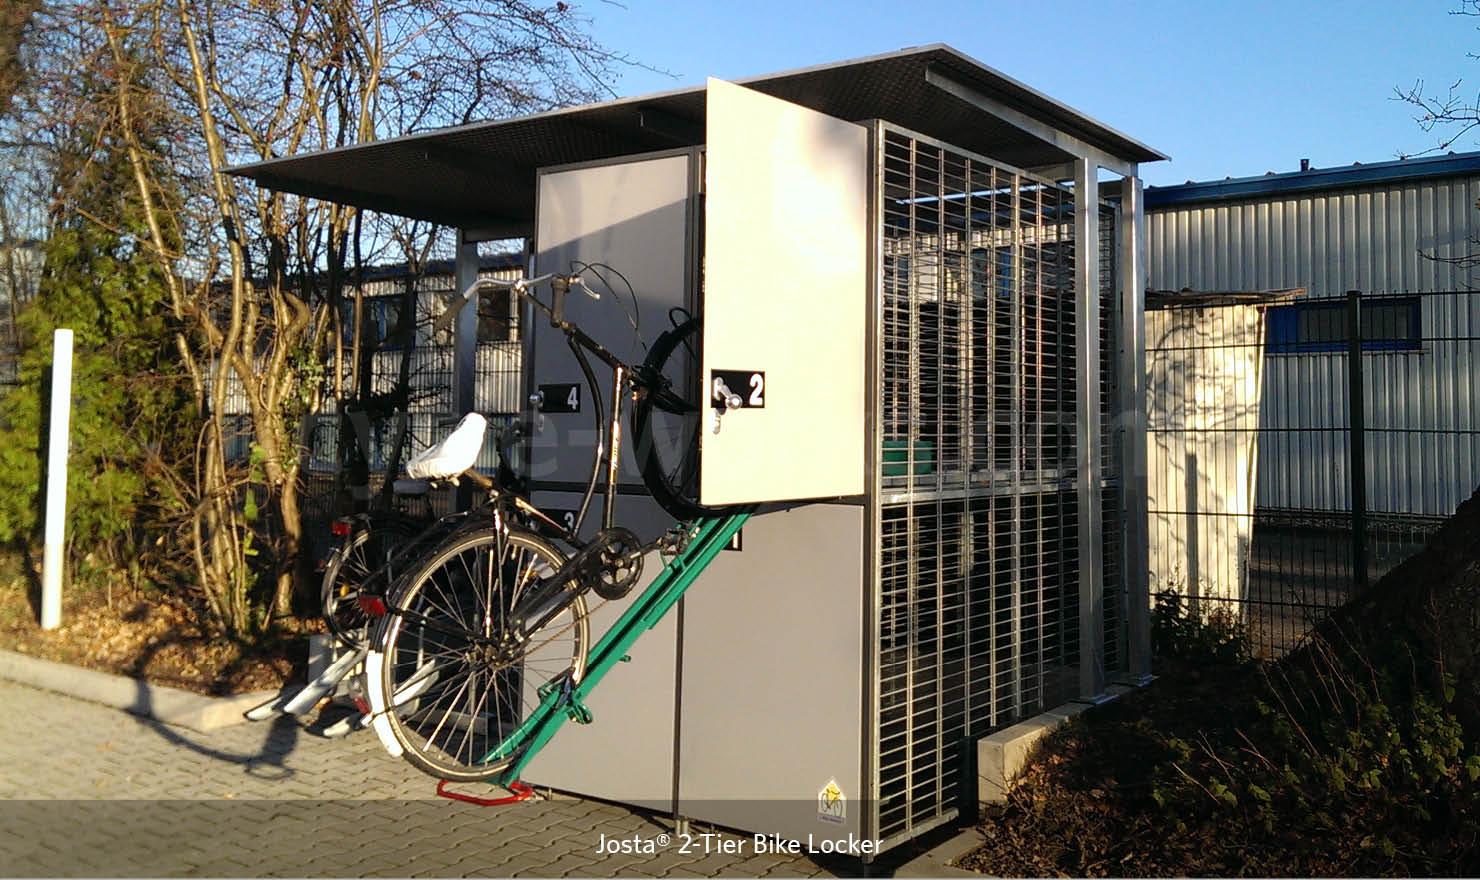 Josta Bike Store 2 - 2-tier bike lockers